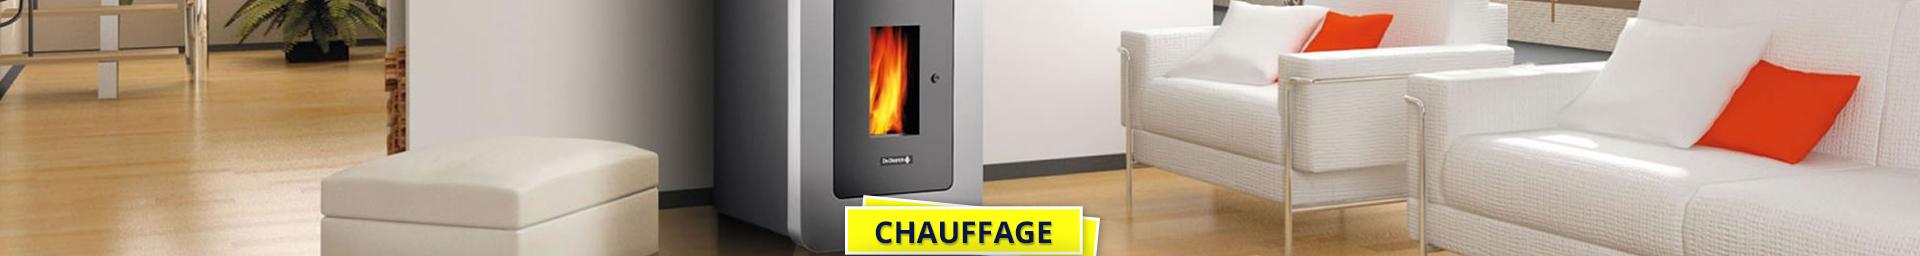 Dépannage chauffage à Laval, Changé, Bonchamp, L'Huisserie ou St Berthevin